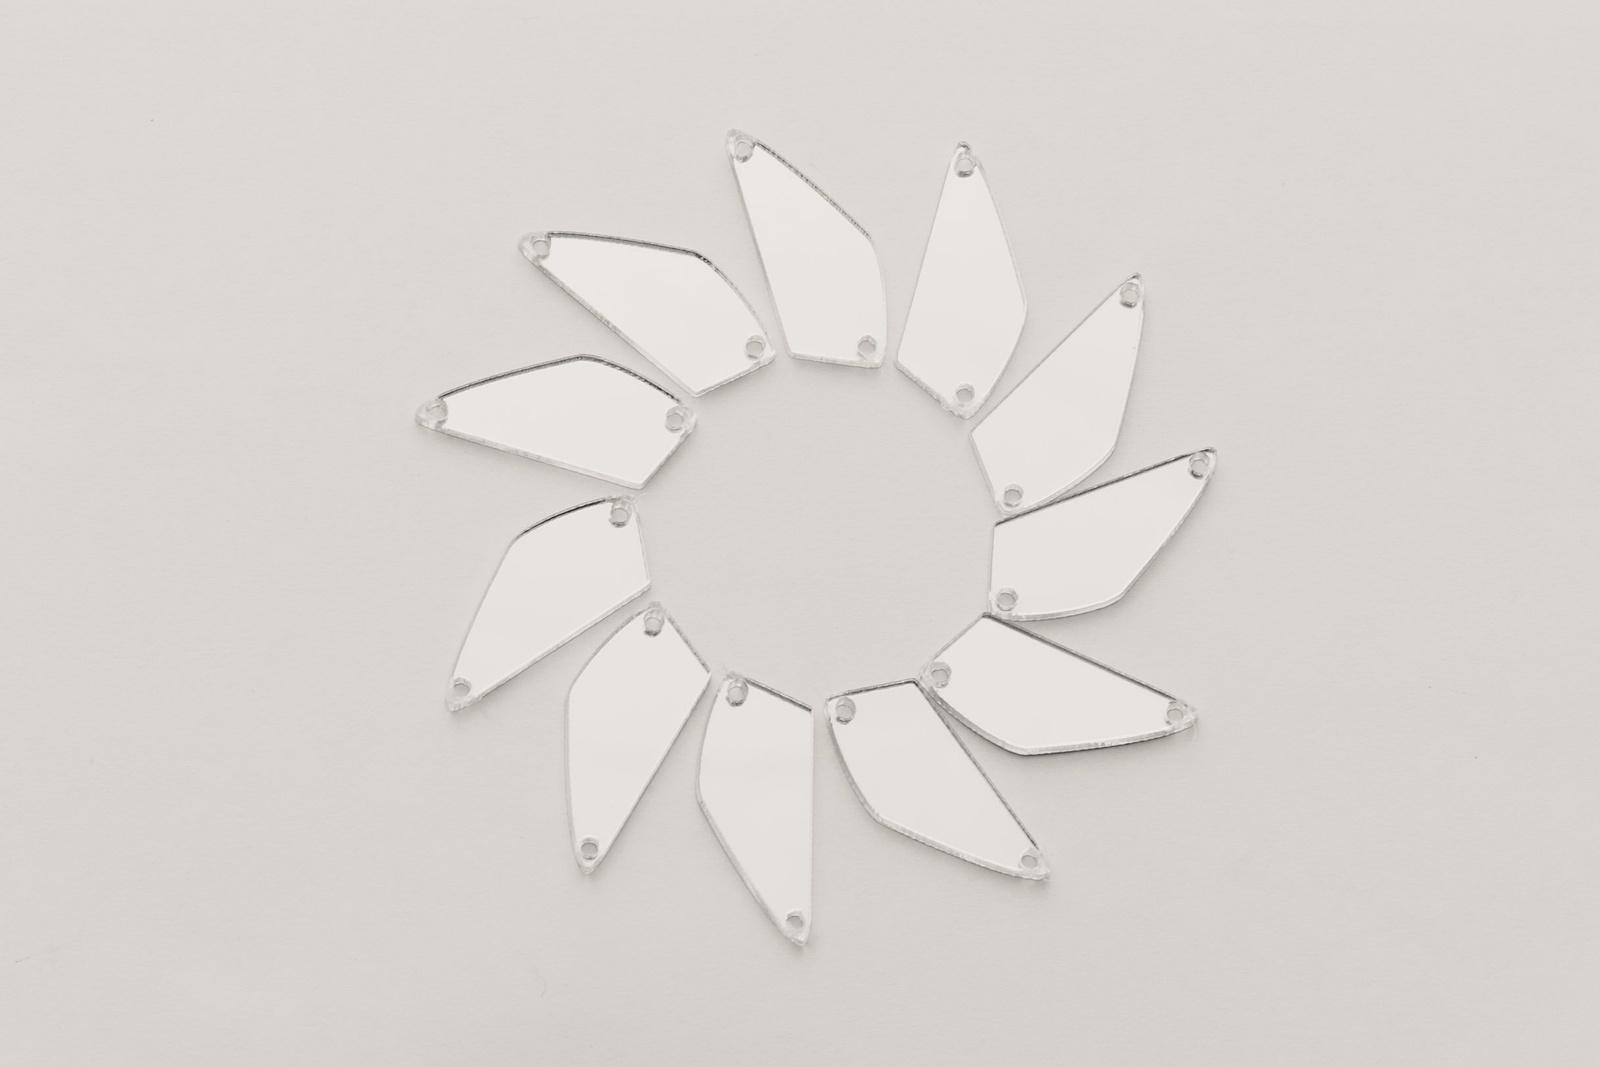 CASP Lase ДОЛ2310 Комплект акриловых пришивных зеркал/страз Долька 23х10